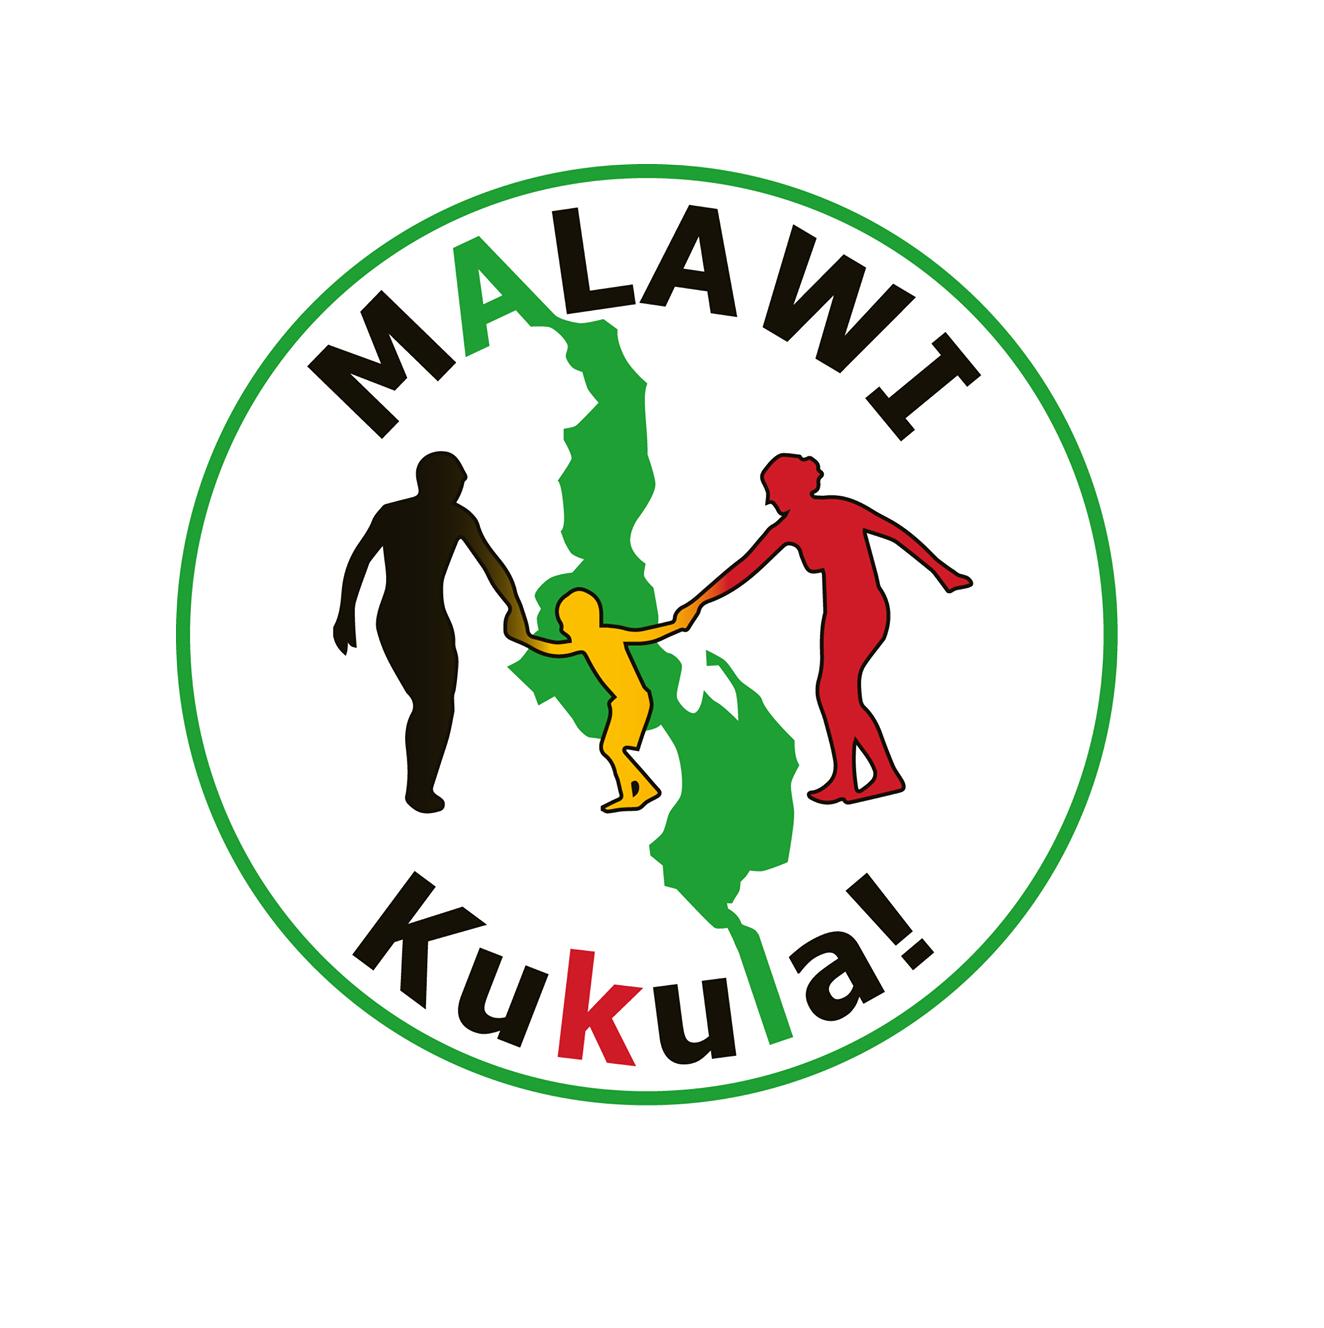 Malawi Kukula